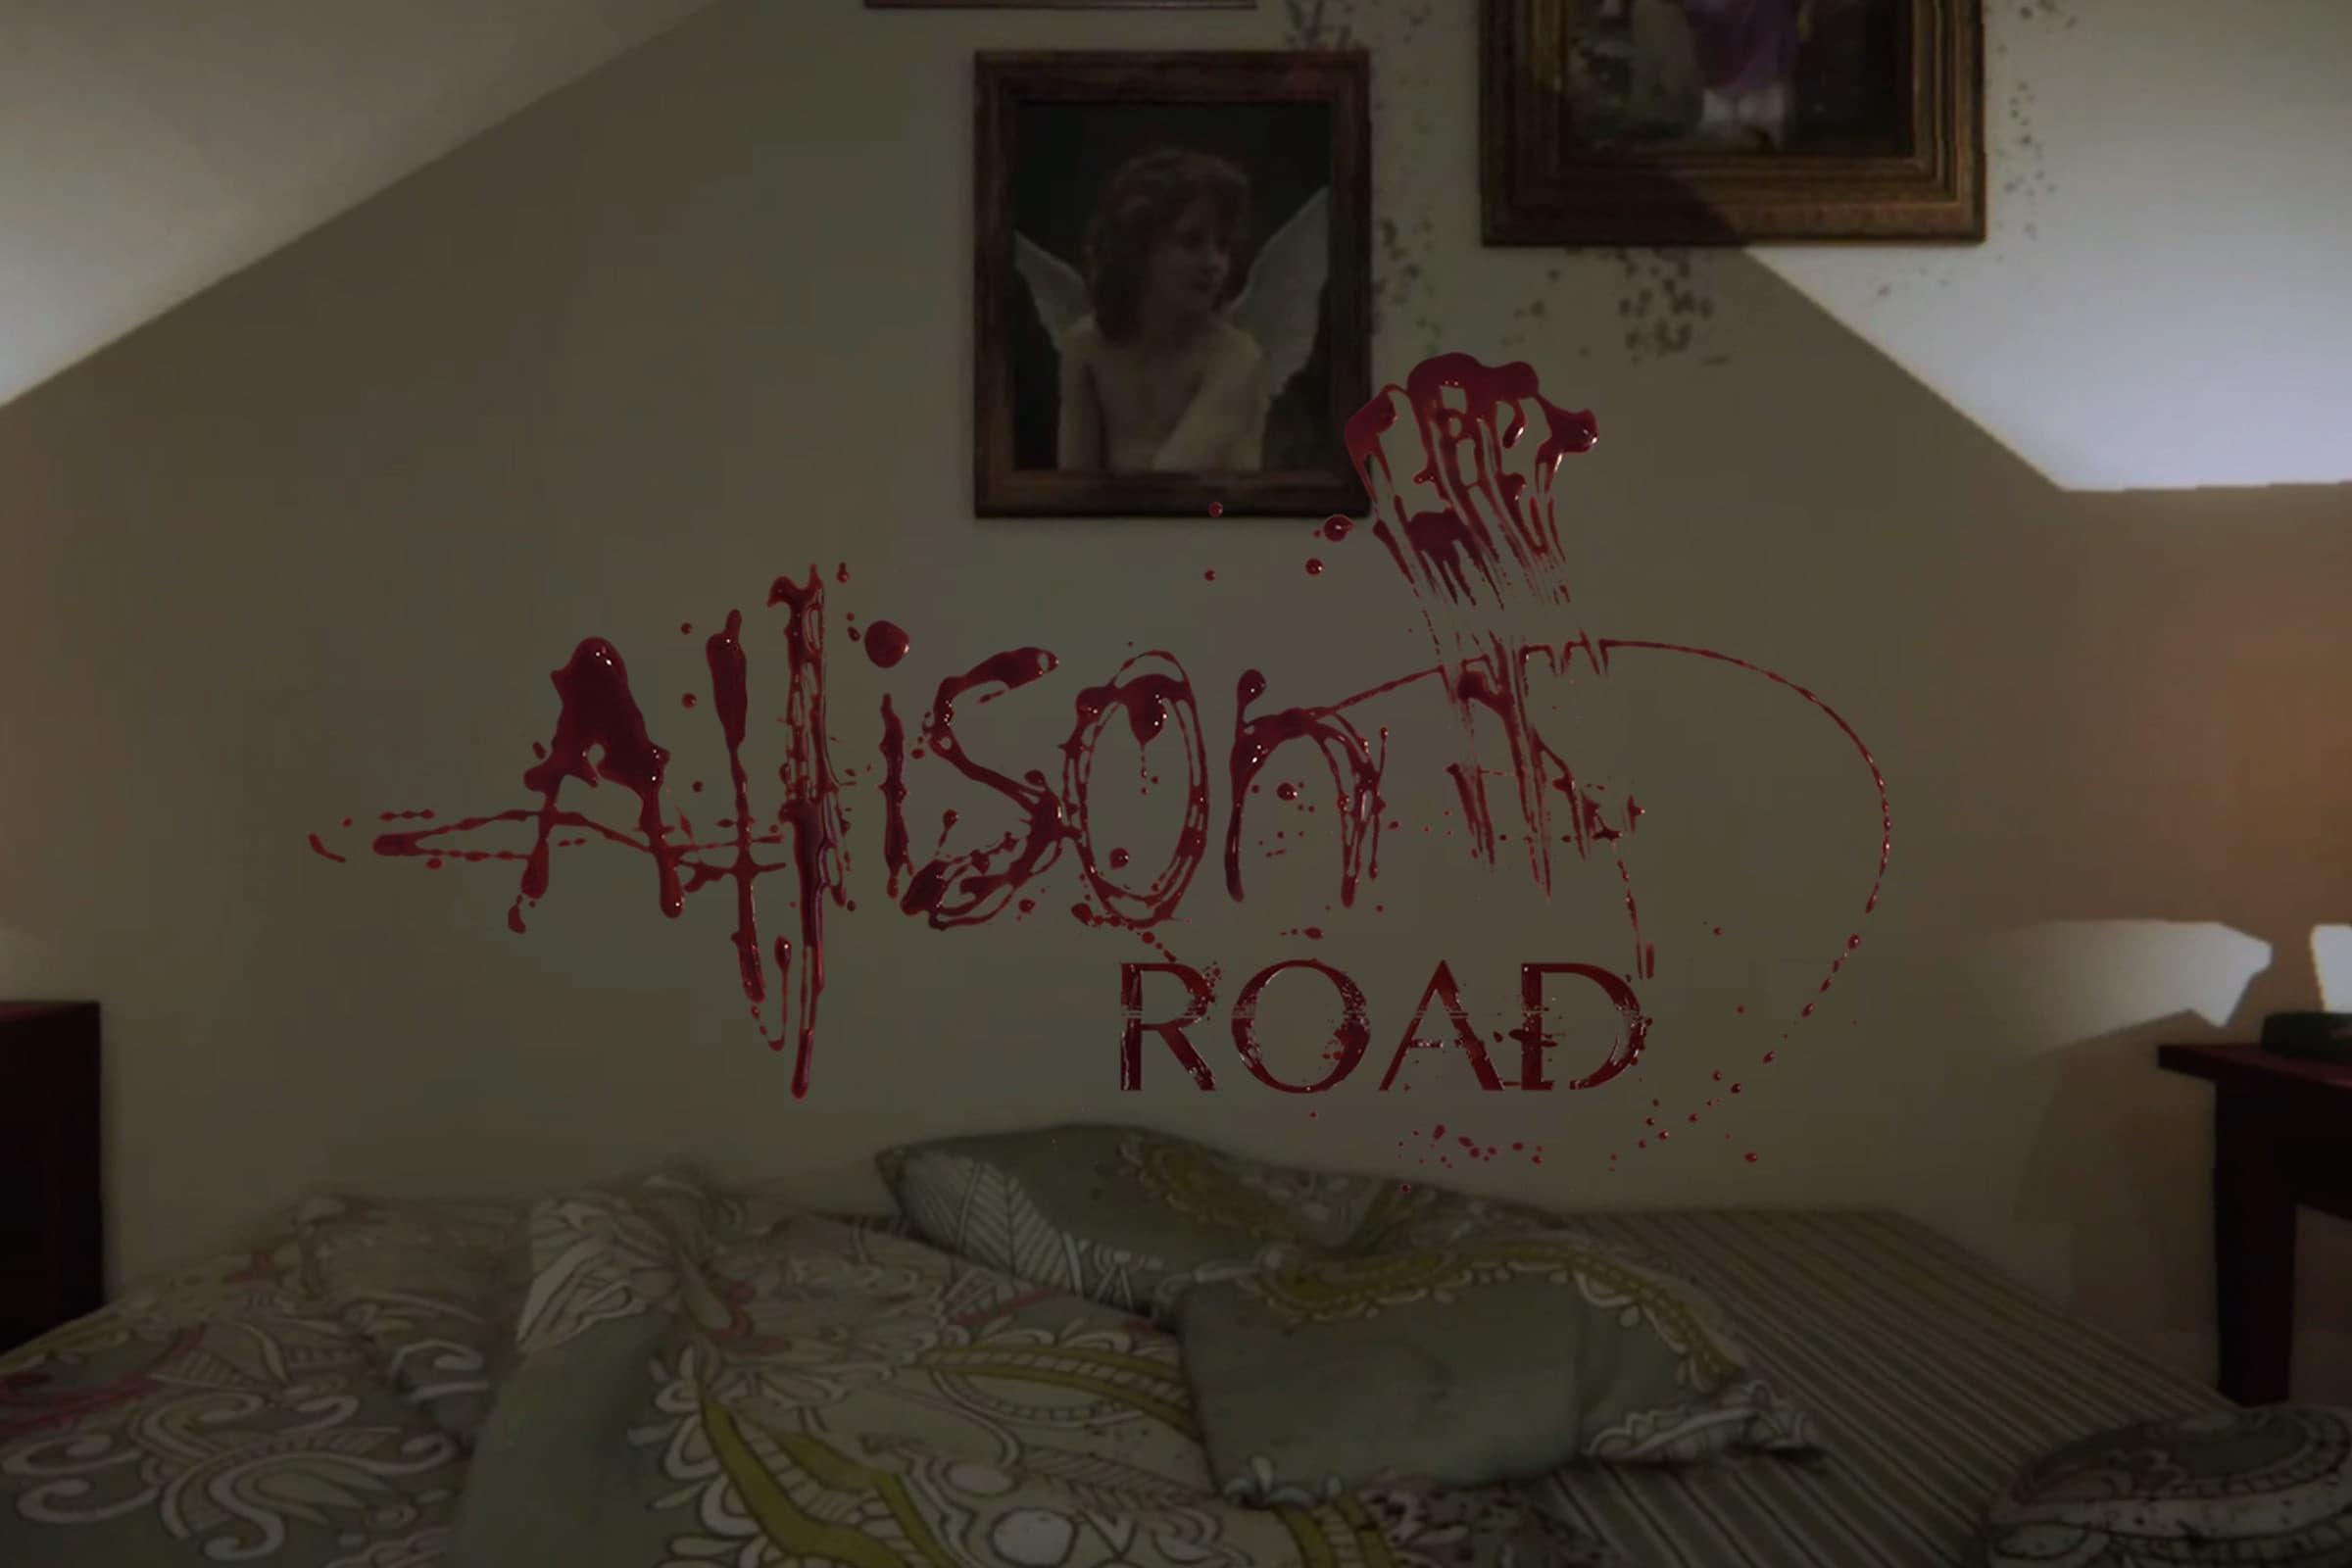 Jaquette Allison Road